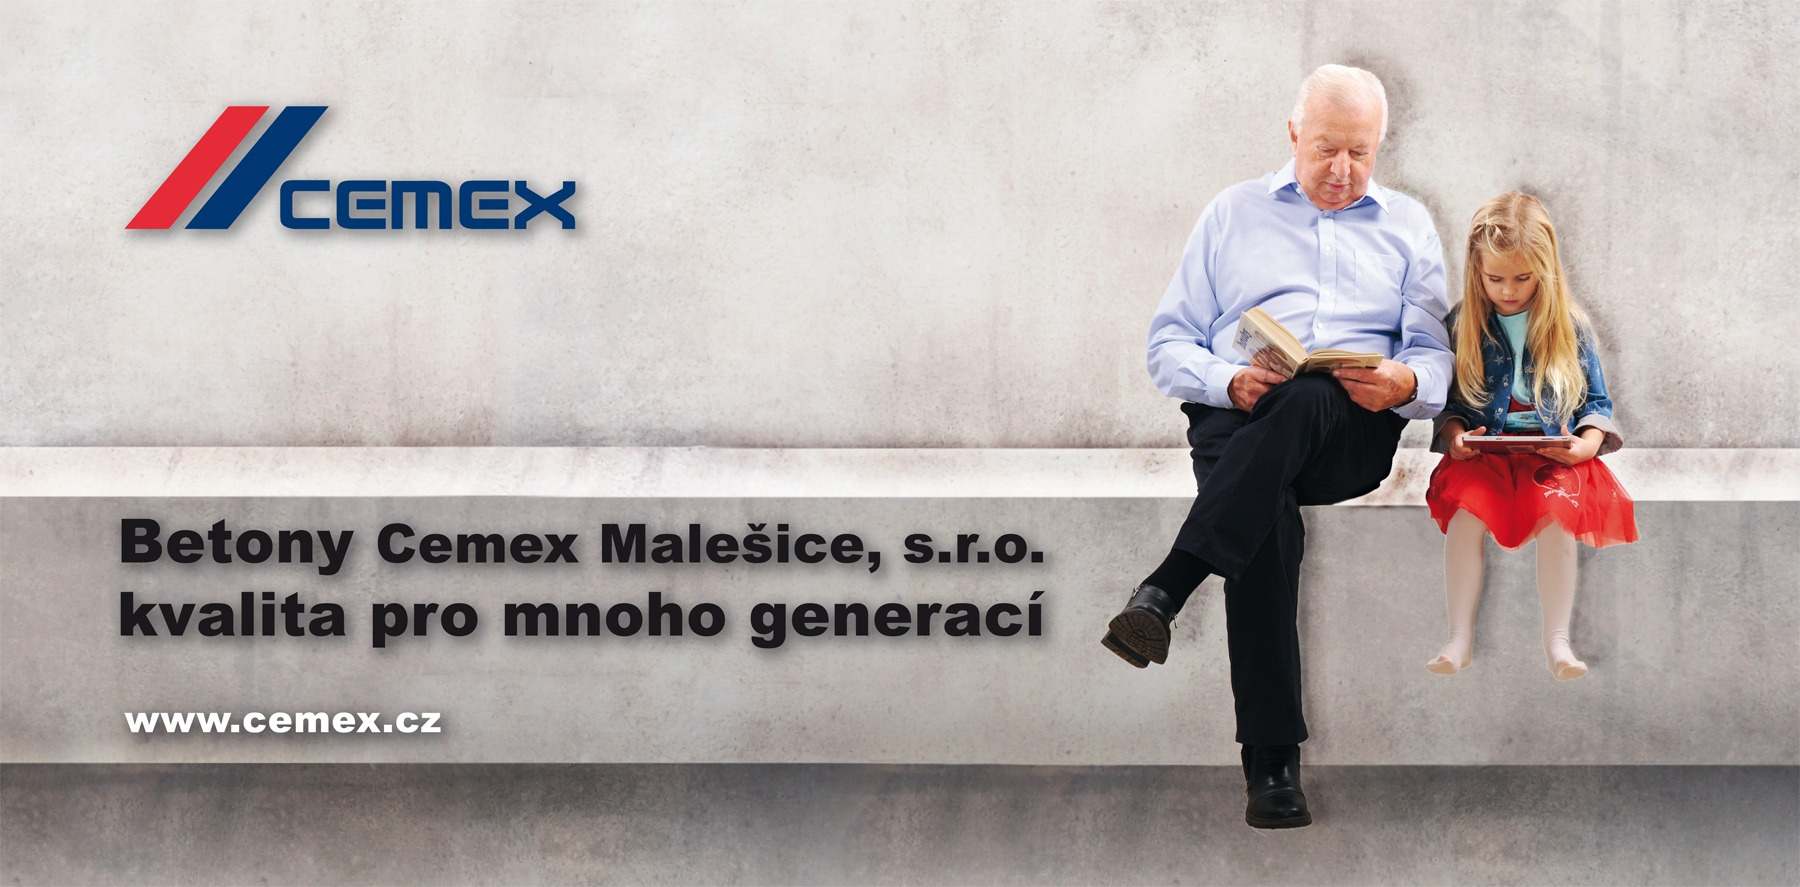 reklama Cemex billboard generace